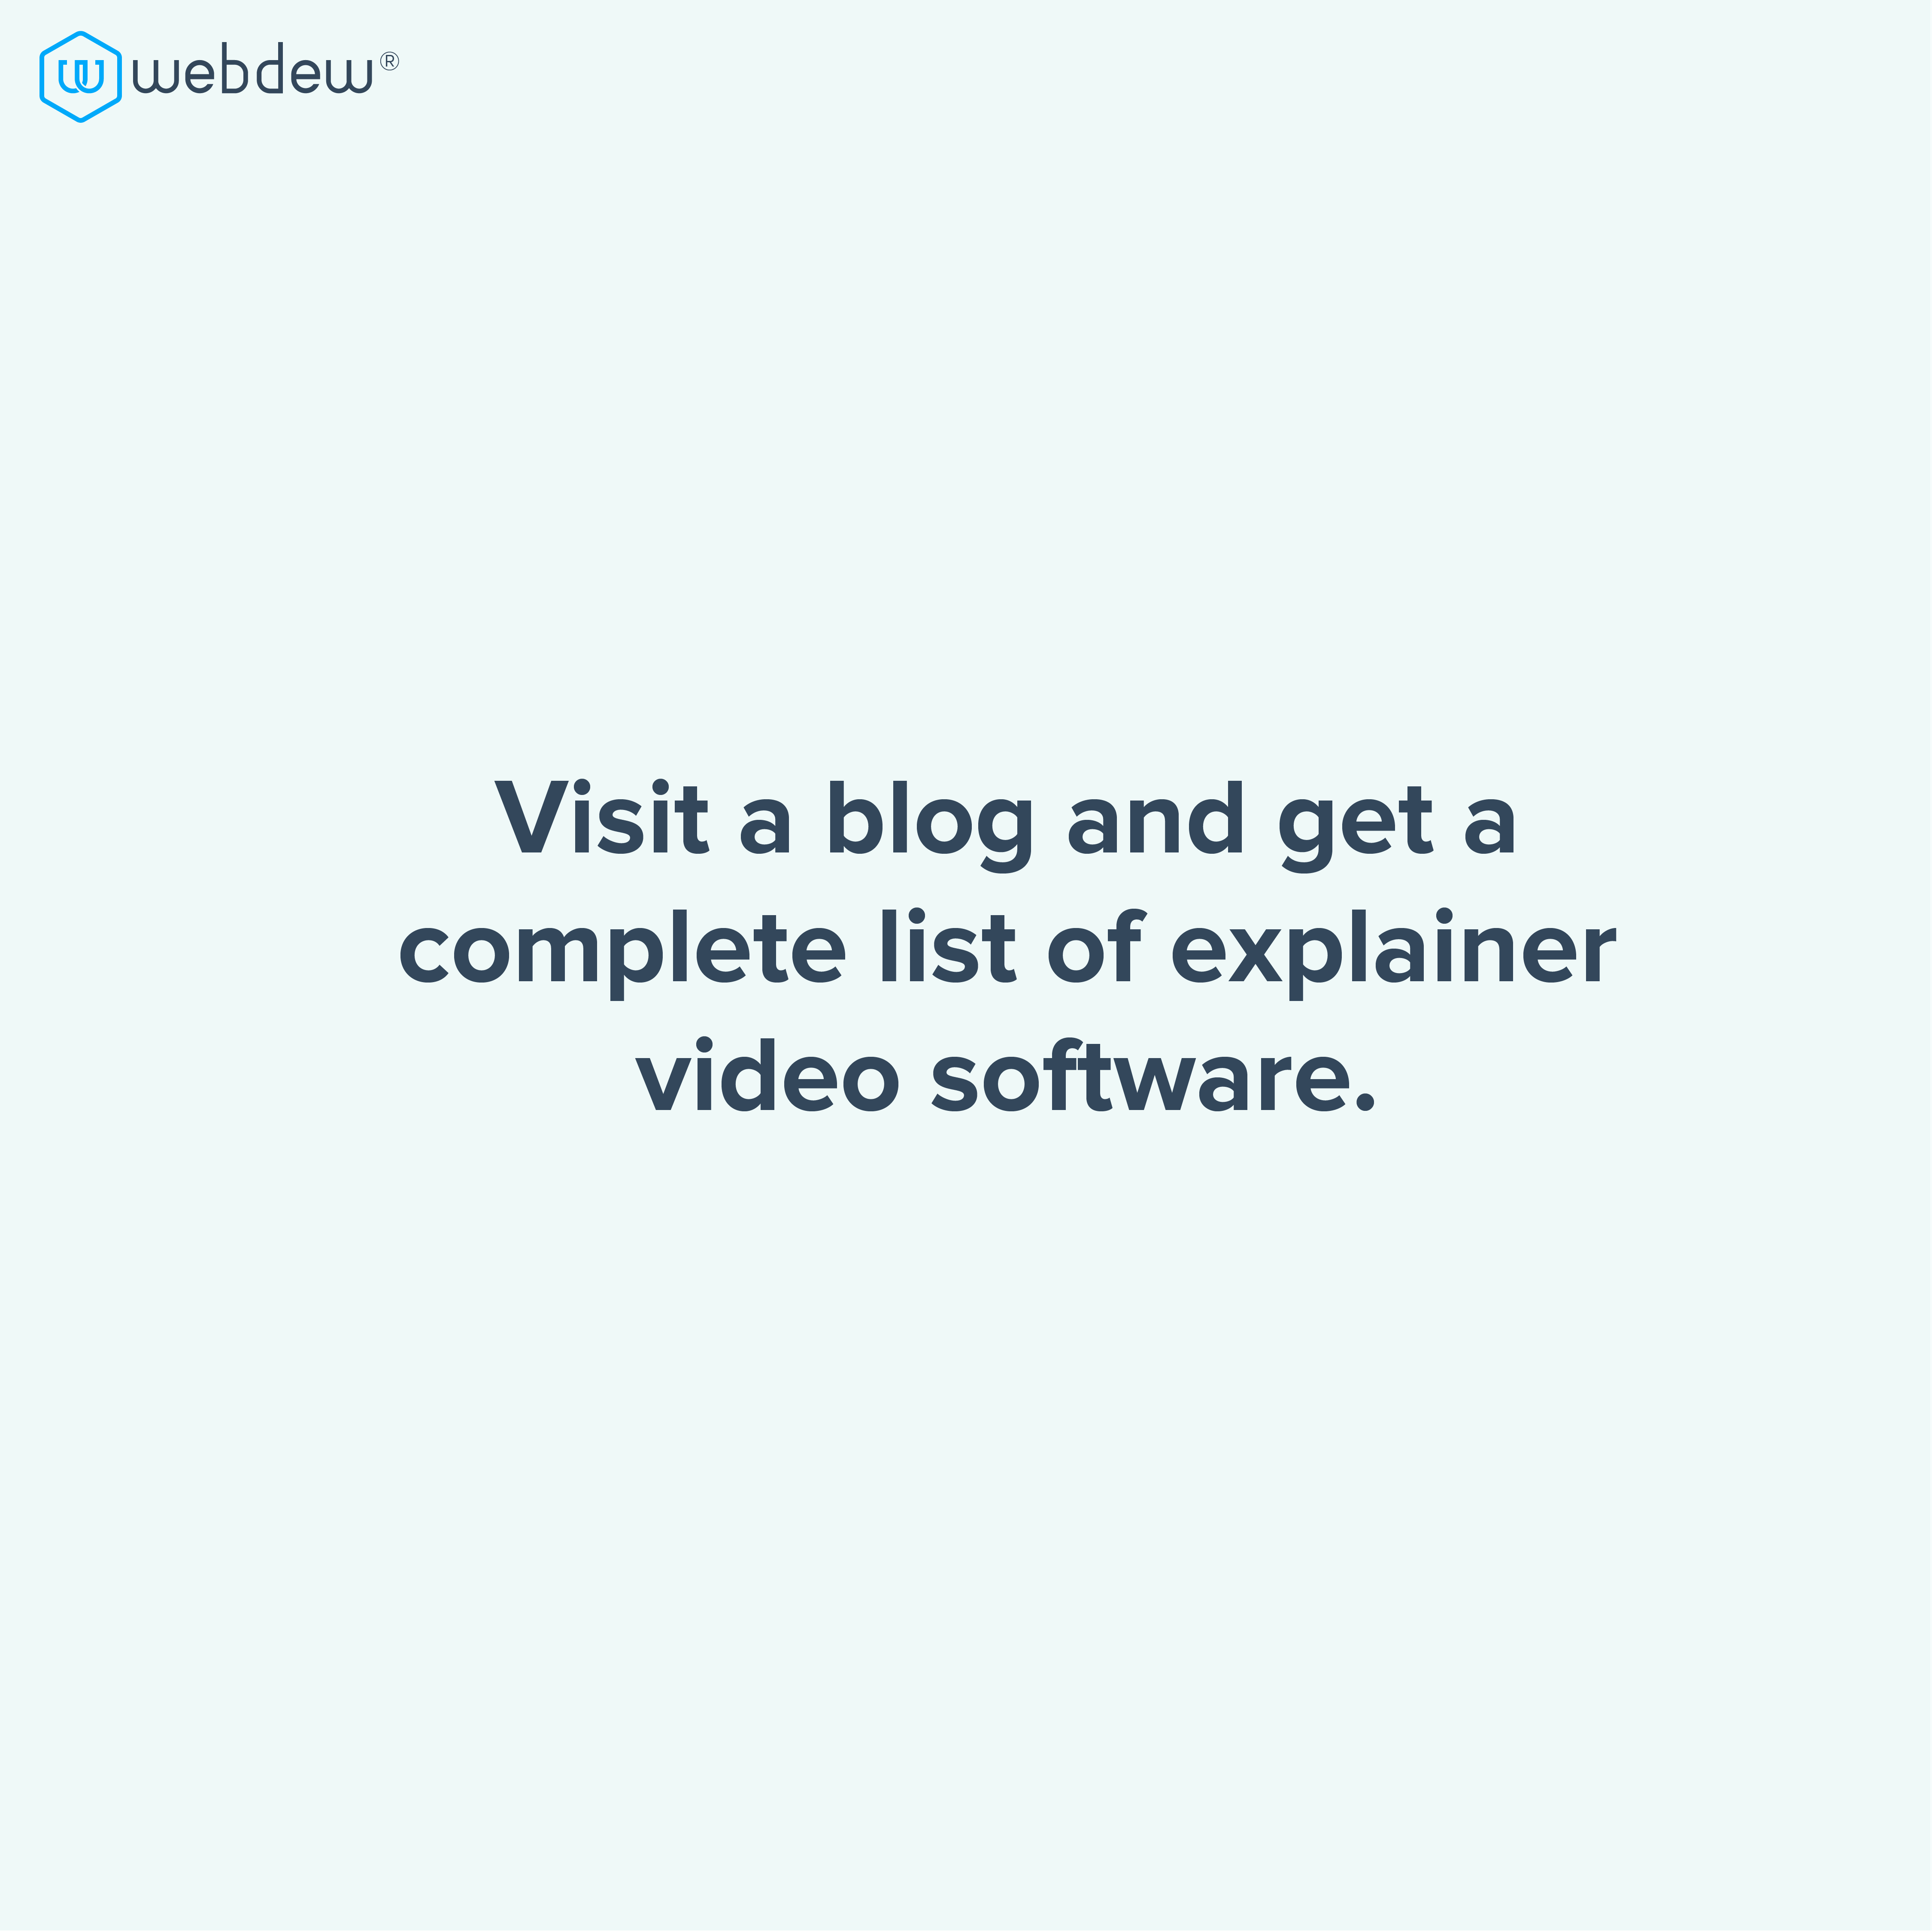 visit-explainer-video-software-blog